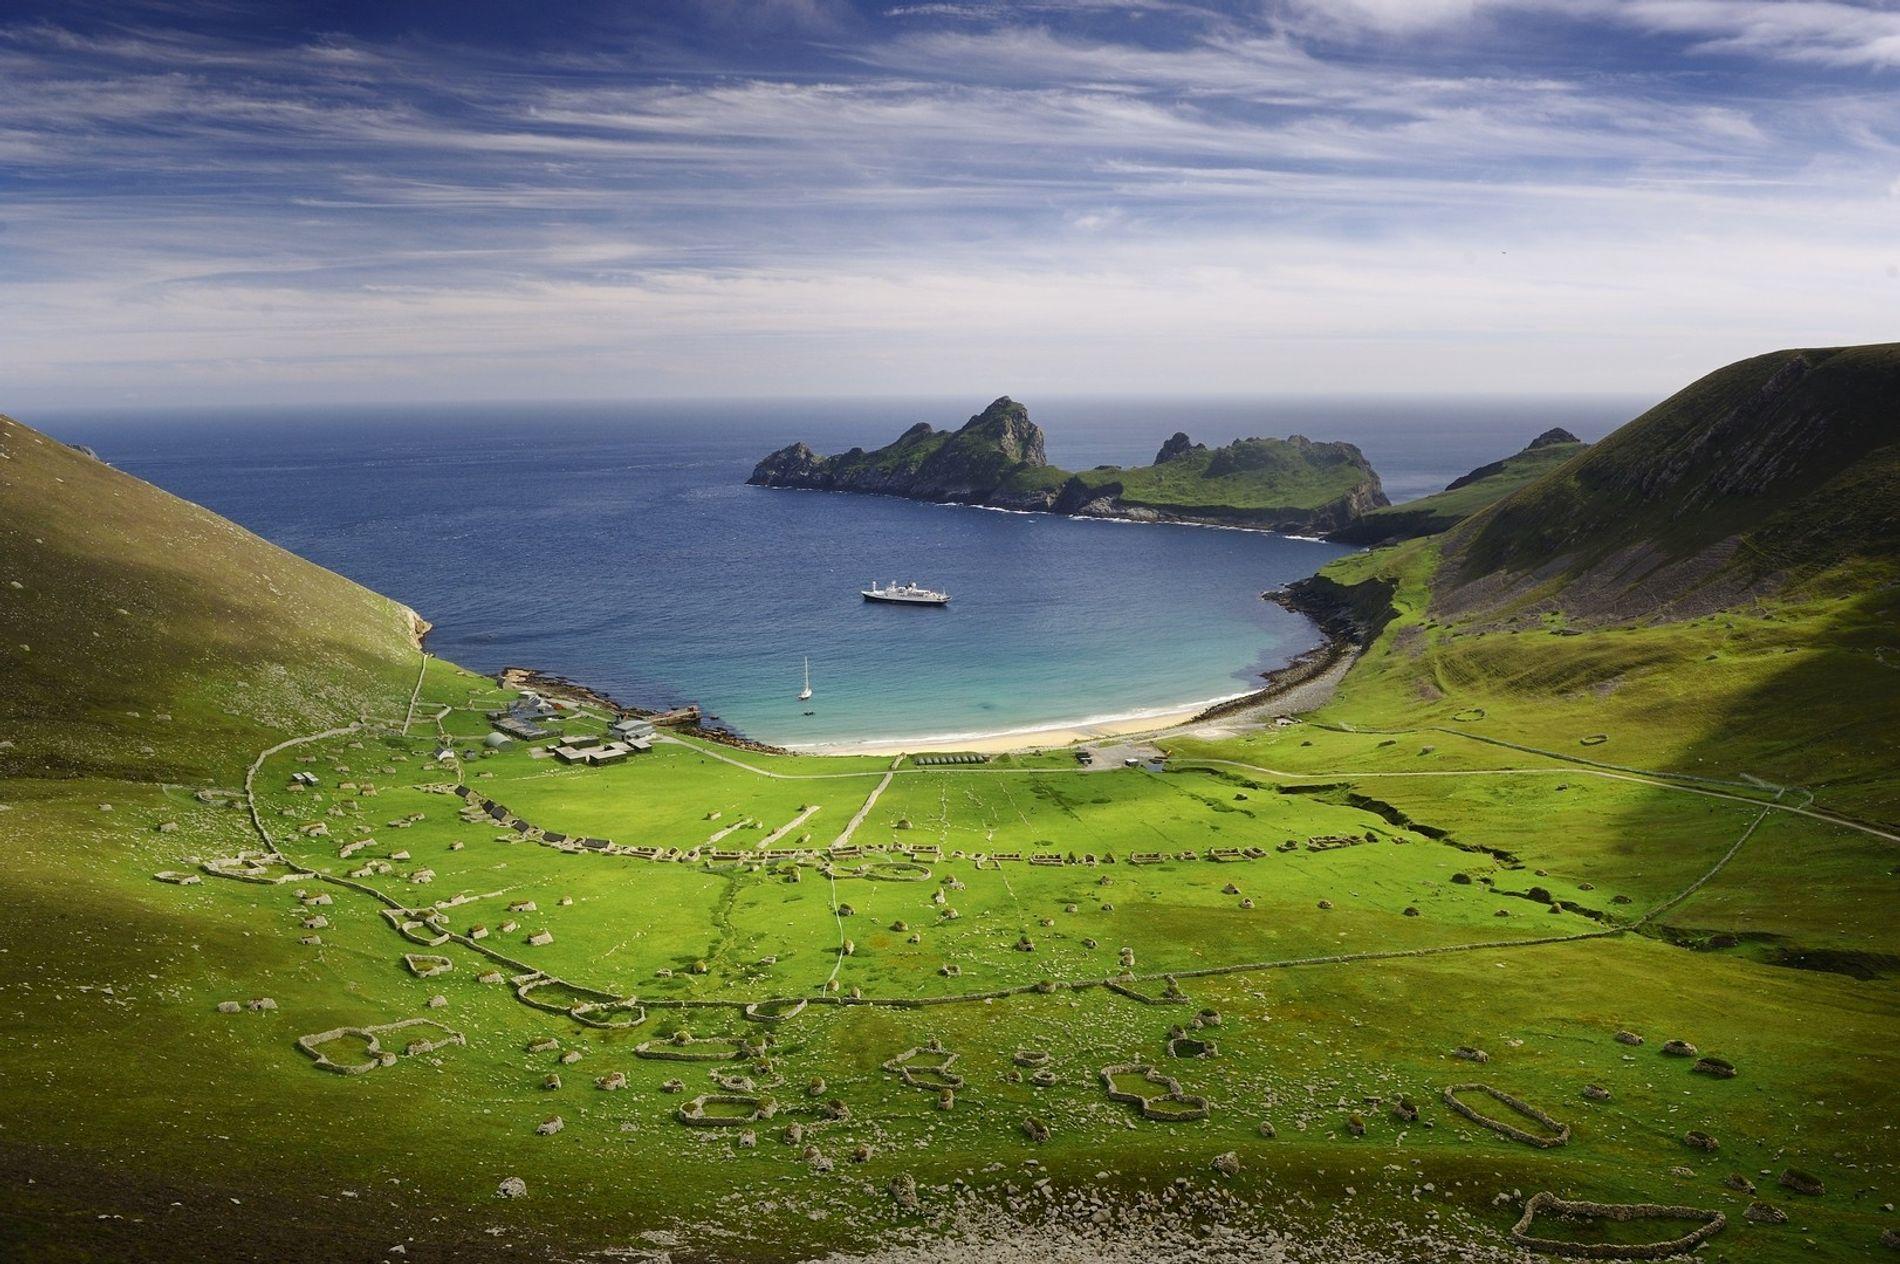 St. Klida ist eine Inselgruppe rund 65 Kilometer westlich der Äußeren Hebriden vor der Nordwestküste Schottlands. Sie ist für ihre Vogelkolonien bekannt und für die Evakuierung ihrer Bevölkerung im Jahr 1930. Obwohl die Inseln Tausende von Jahren bewohnt waren, lebt heute niemand mehr dort.